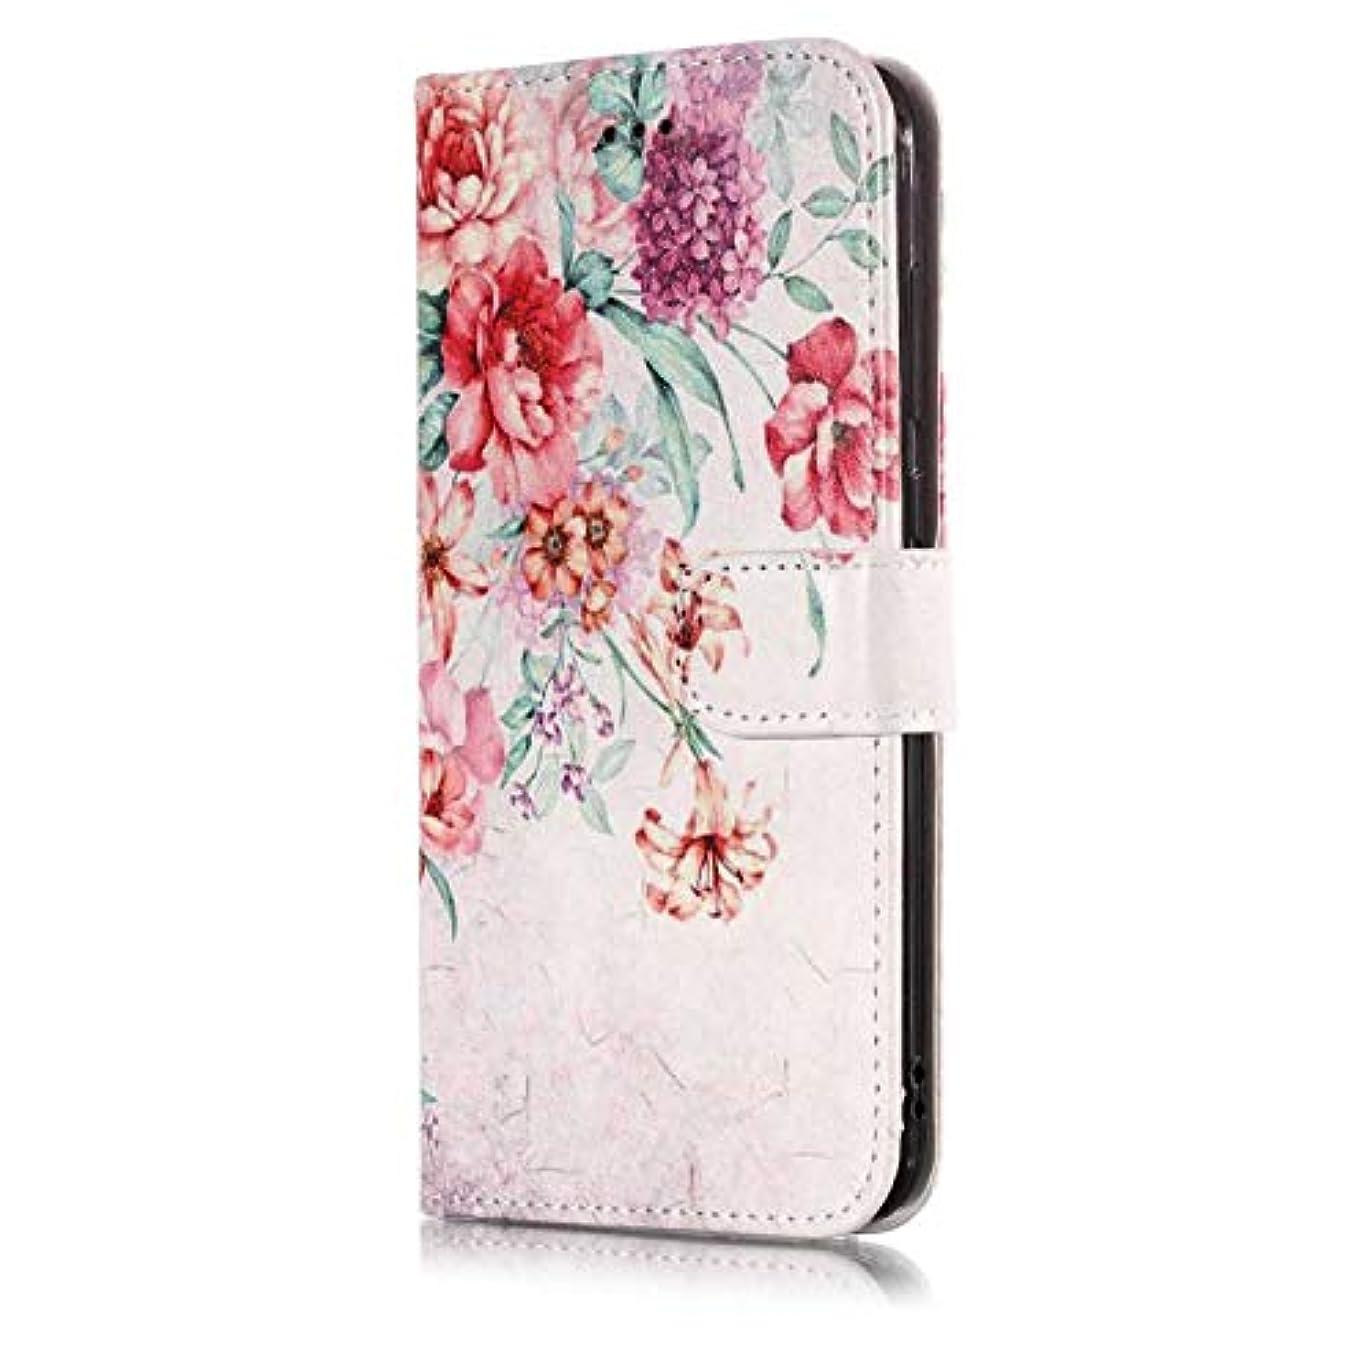 さらにリボン株式会社CUSKING Huawei P8 Lite 2017 手帳型ケース Huawei P8 Lite 2017 手帳型 カバー 札入れフ カードポケット スタント機能 横開き 磁気バックル ケース - 柄4